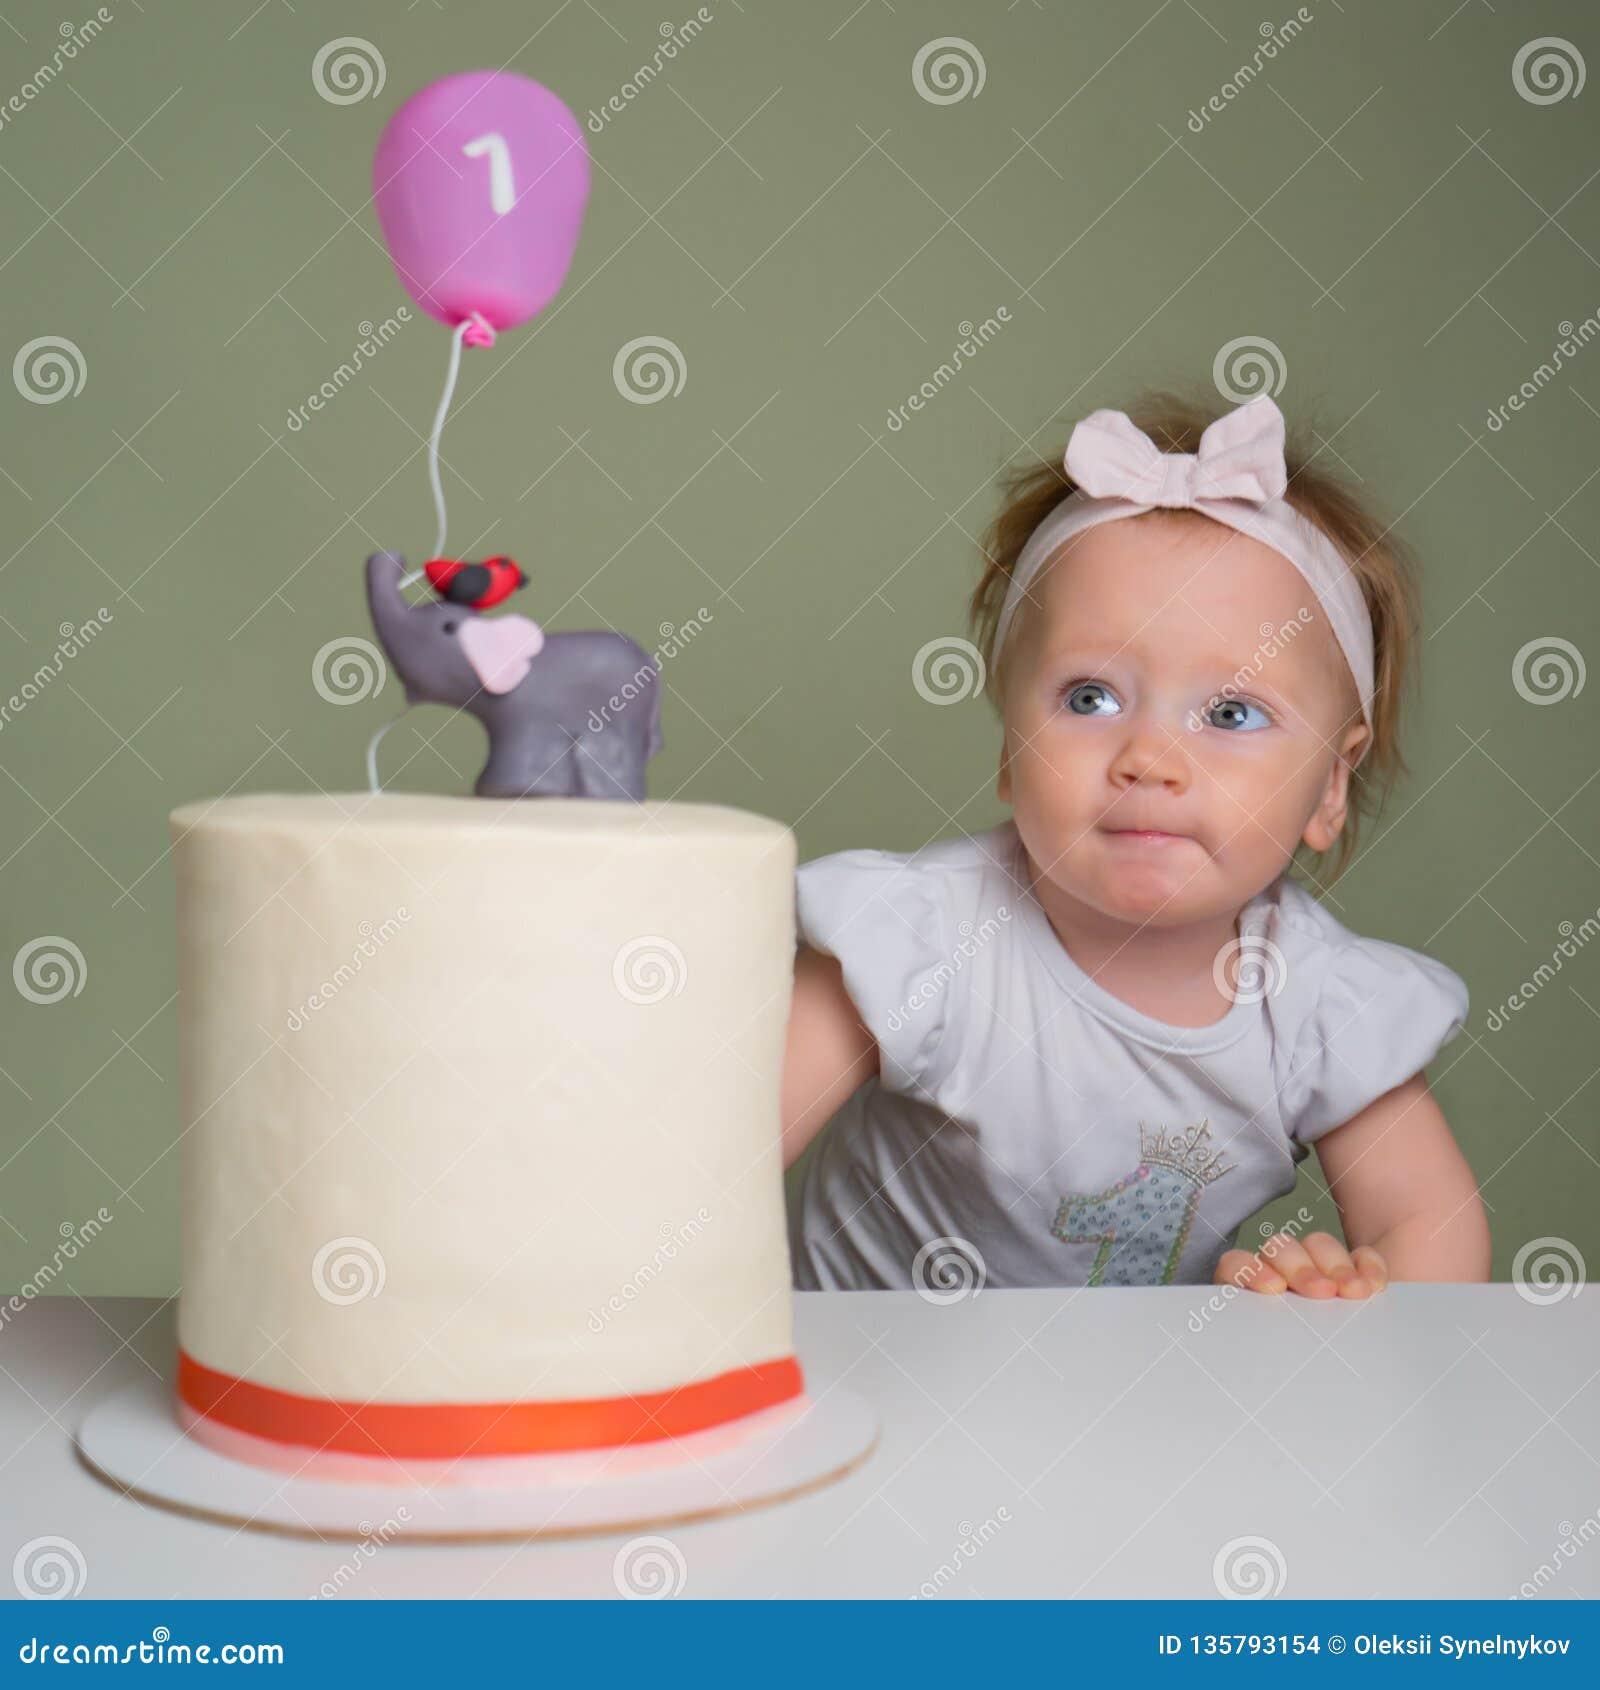 Концепция праздника ` s детей Концепция именниного пирога Исключительные именниные пирога Концепция праздника ` s детей